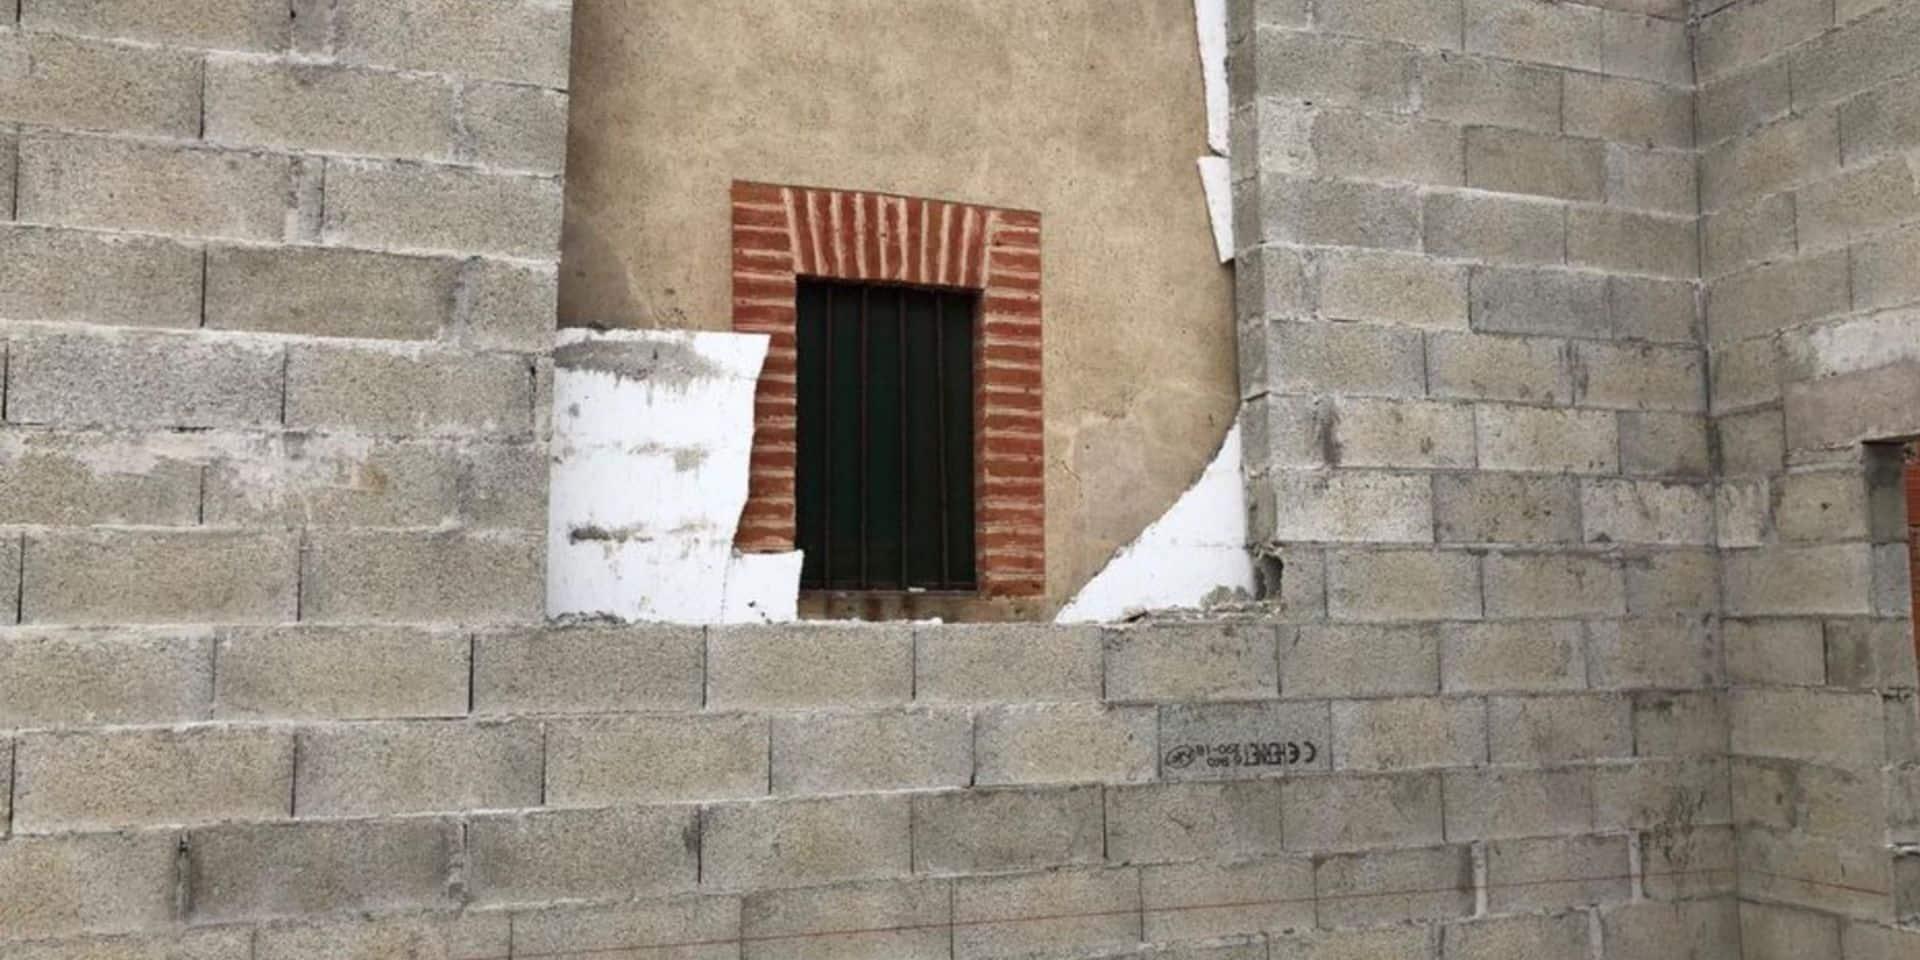 Aberration en France: son voisin construit un mur à trois centimètres de ses fenêtres